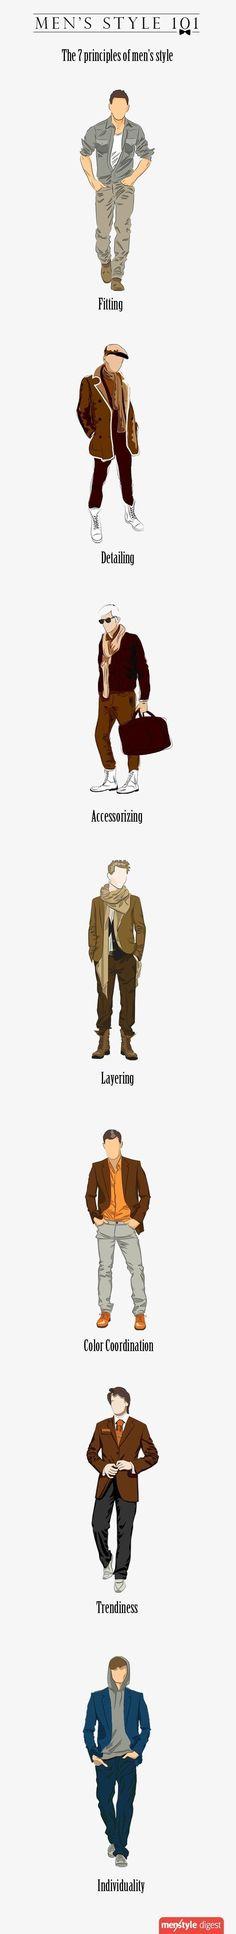 Vingle - 남자 패션 팁 : 남자 스타일링 7가지 법칙 - 남자 패션 팁